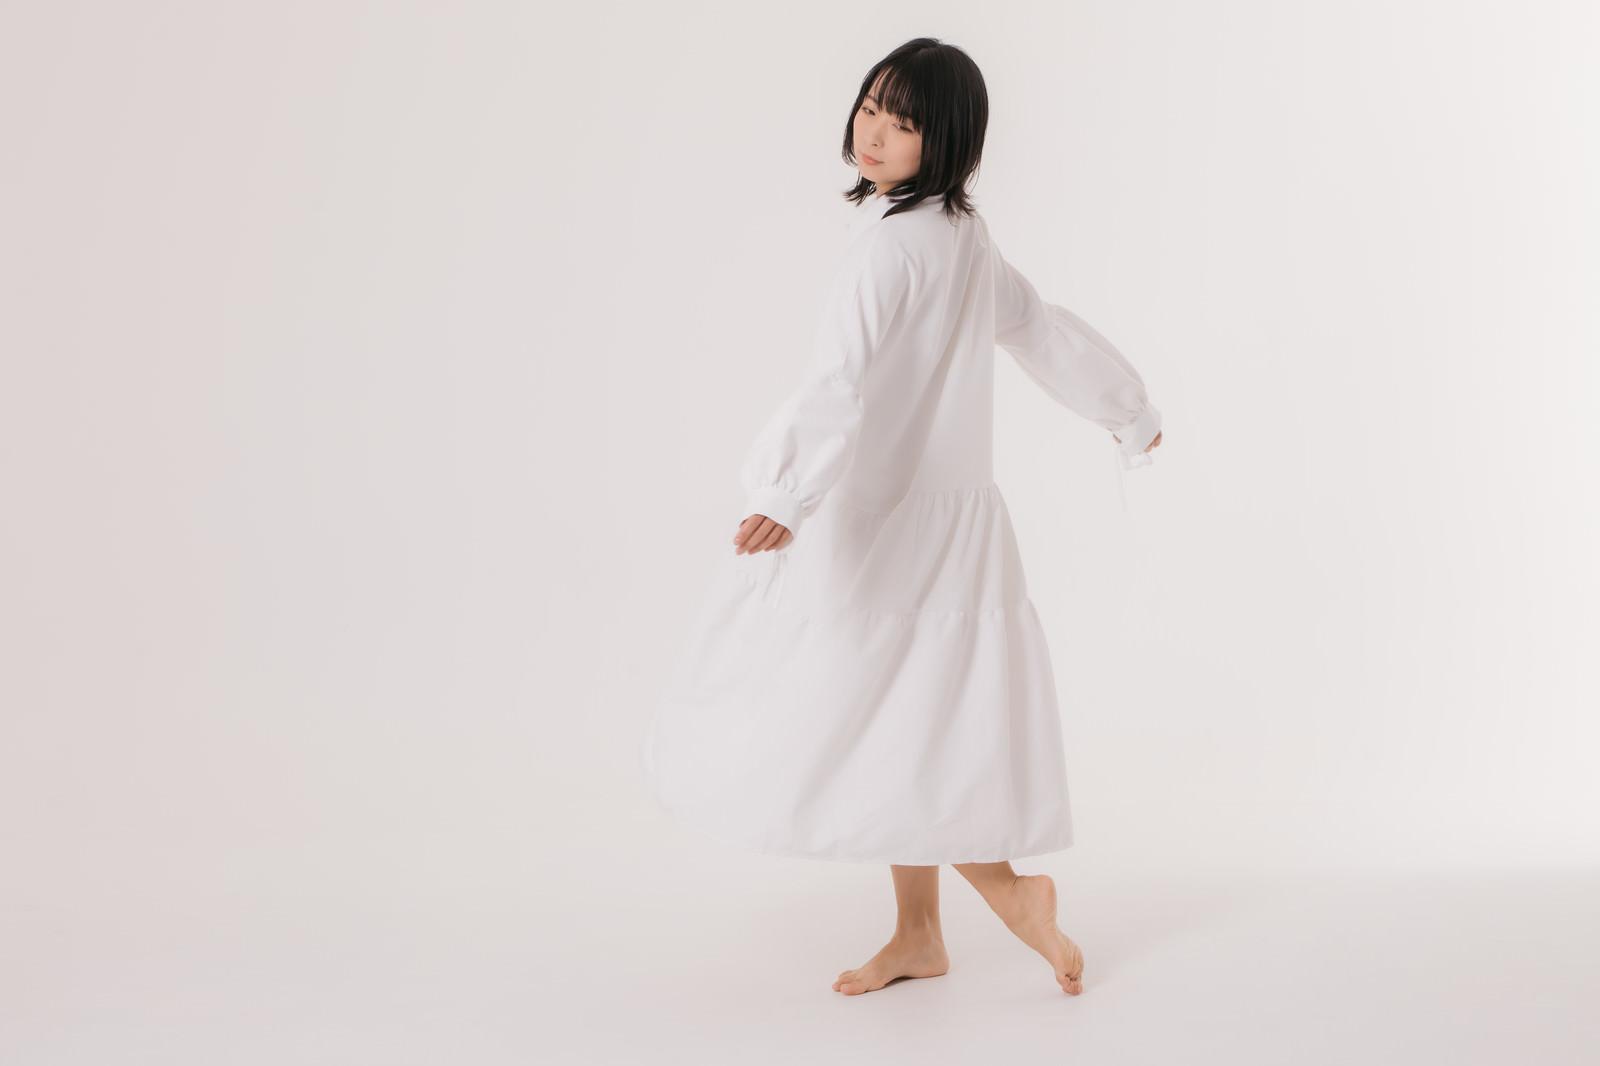 「白いワンピースを着てくるりと回る女性モデル」の写真[モデル:にゃるる]